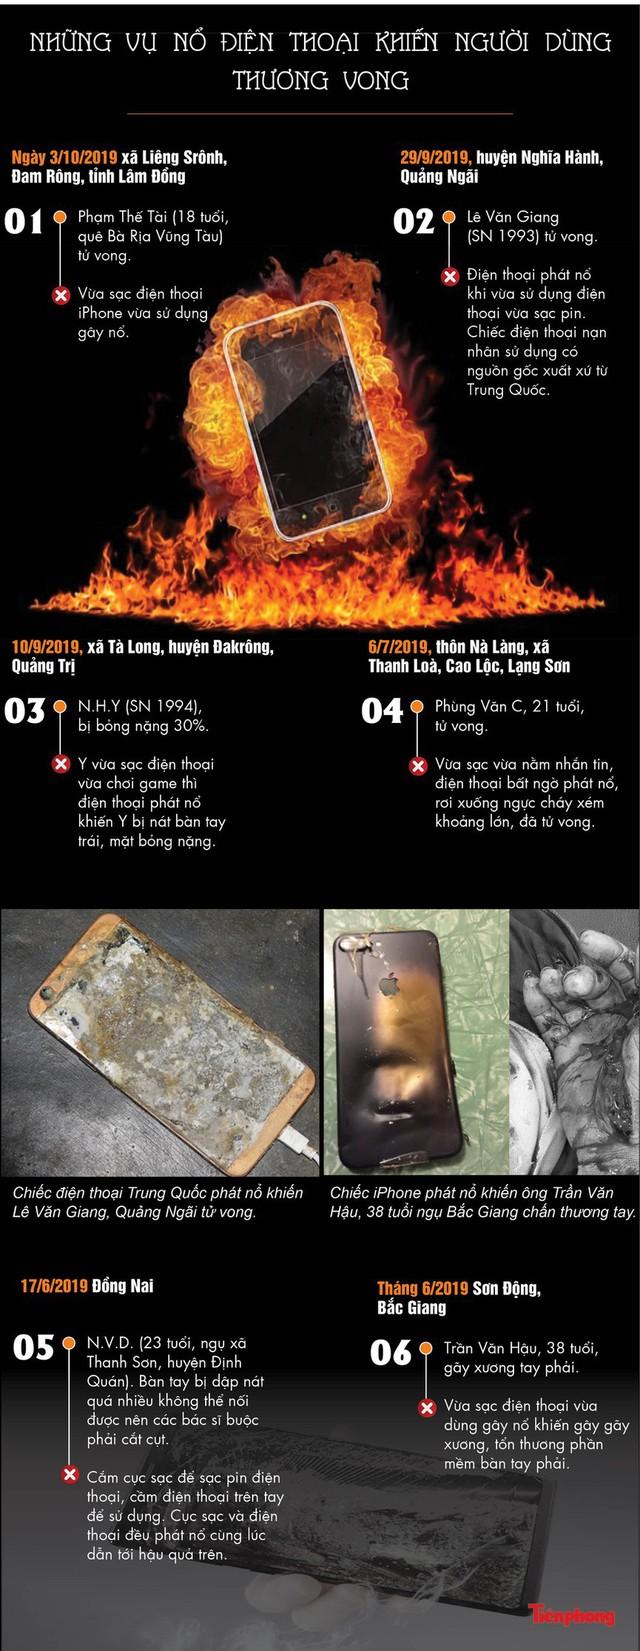 Những vụ nổ điện thoại khiến người dùng thương vong - Ảnh 1.